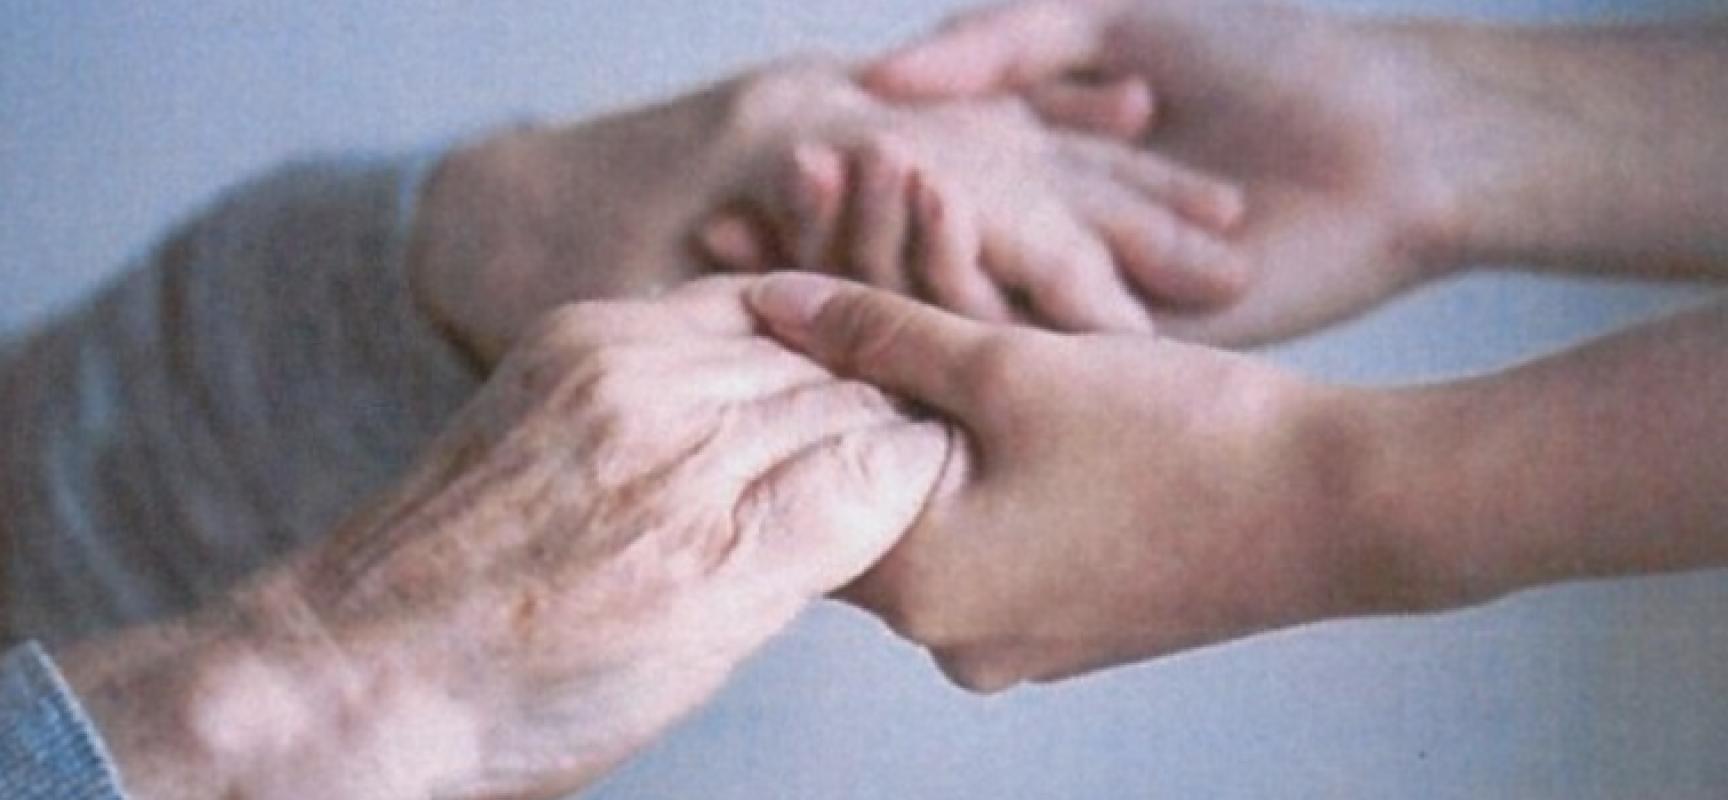 Al via la annualità buoni servizio anziani e disabili / DETTAGLI